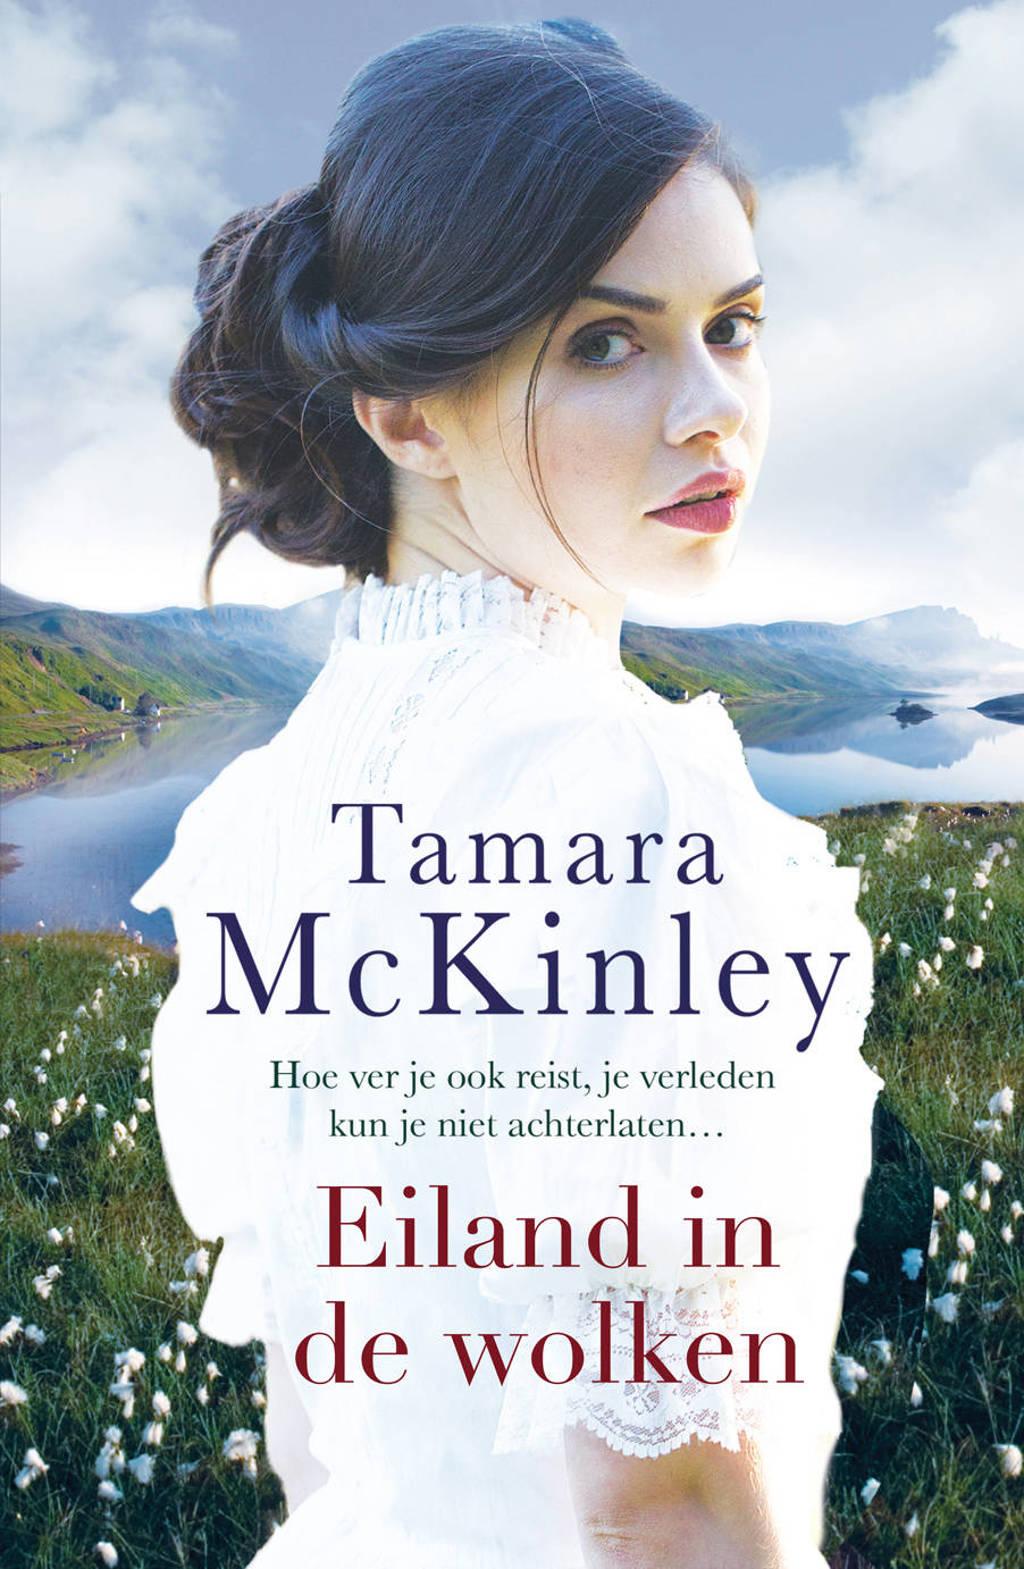 Eiland in de wolken - Tamara McKinley